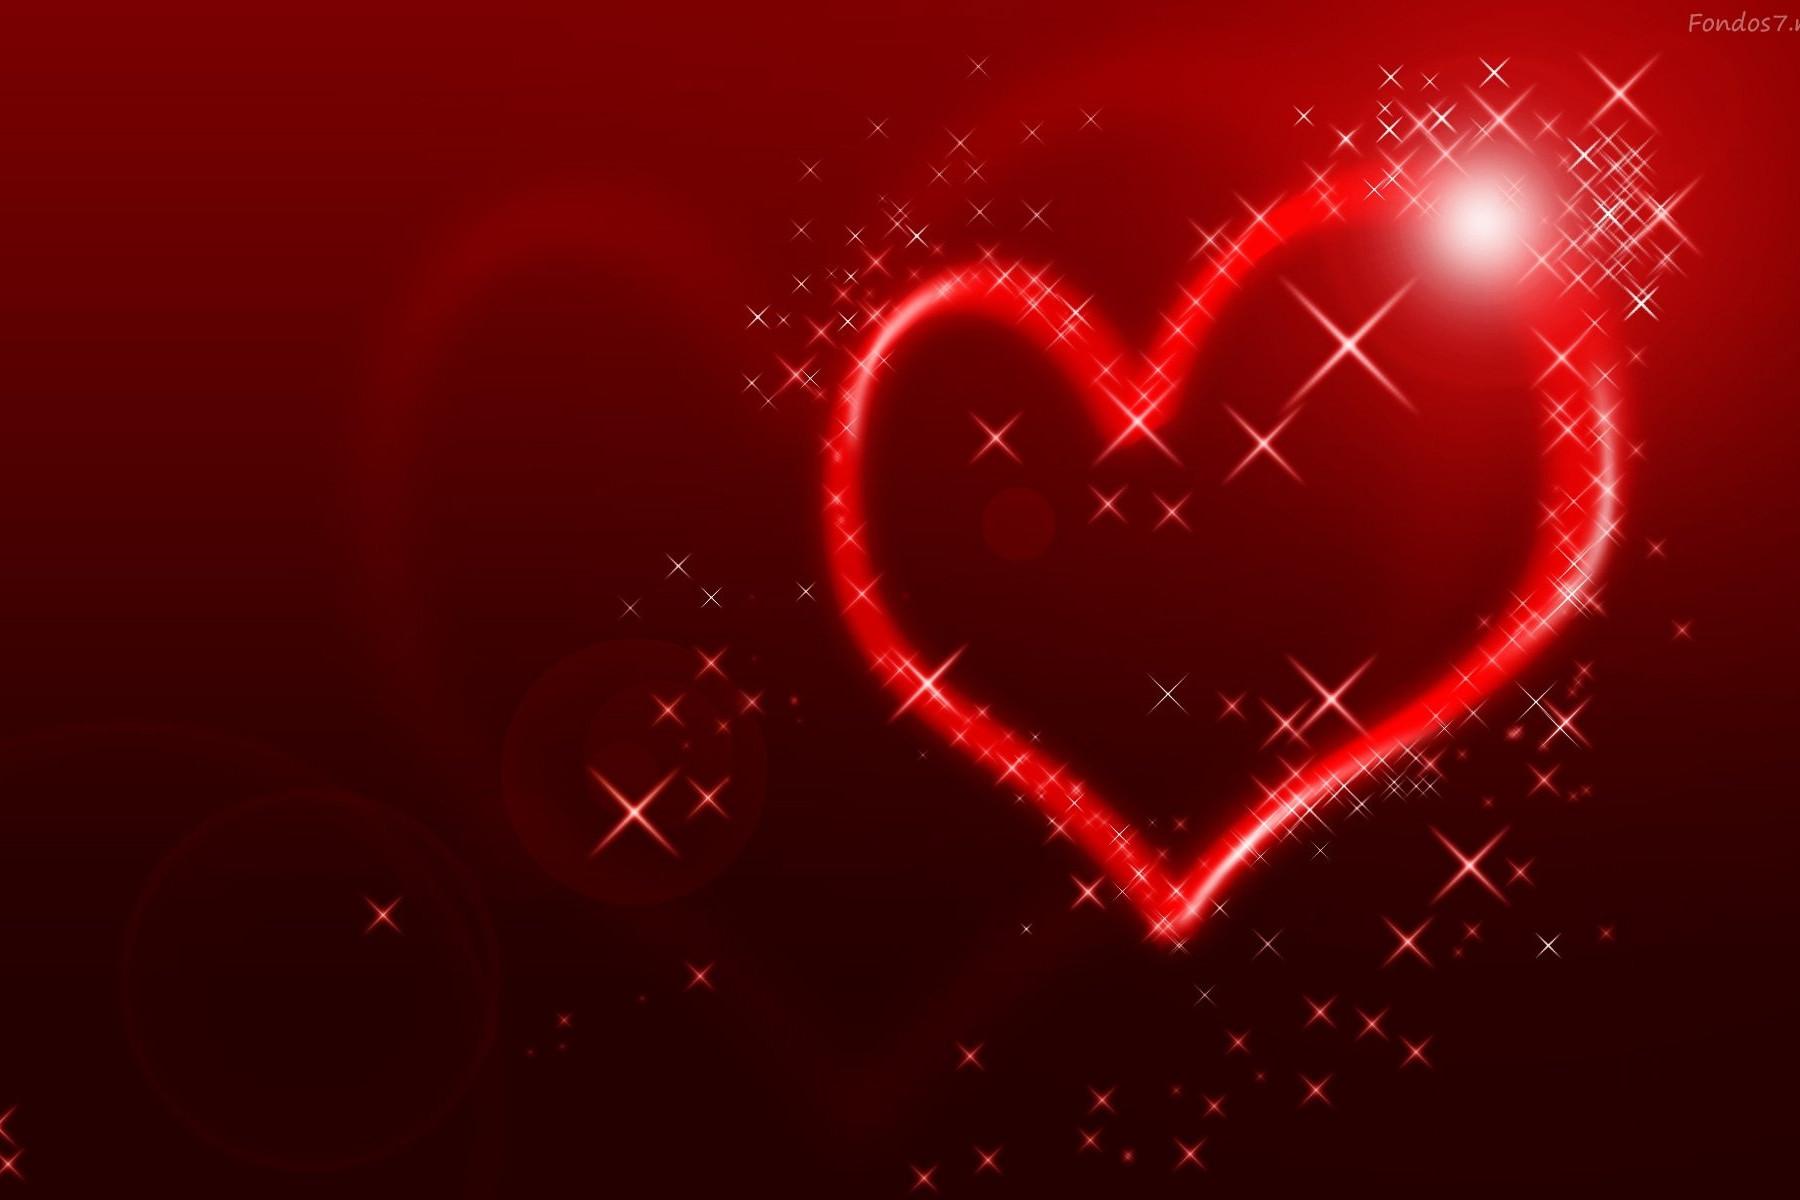 Un Corazón rojo con una luz brillante encima